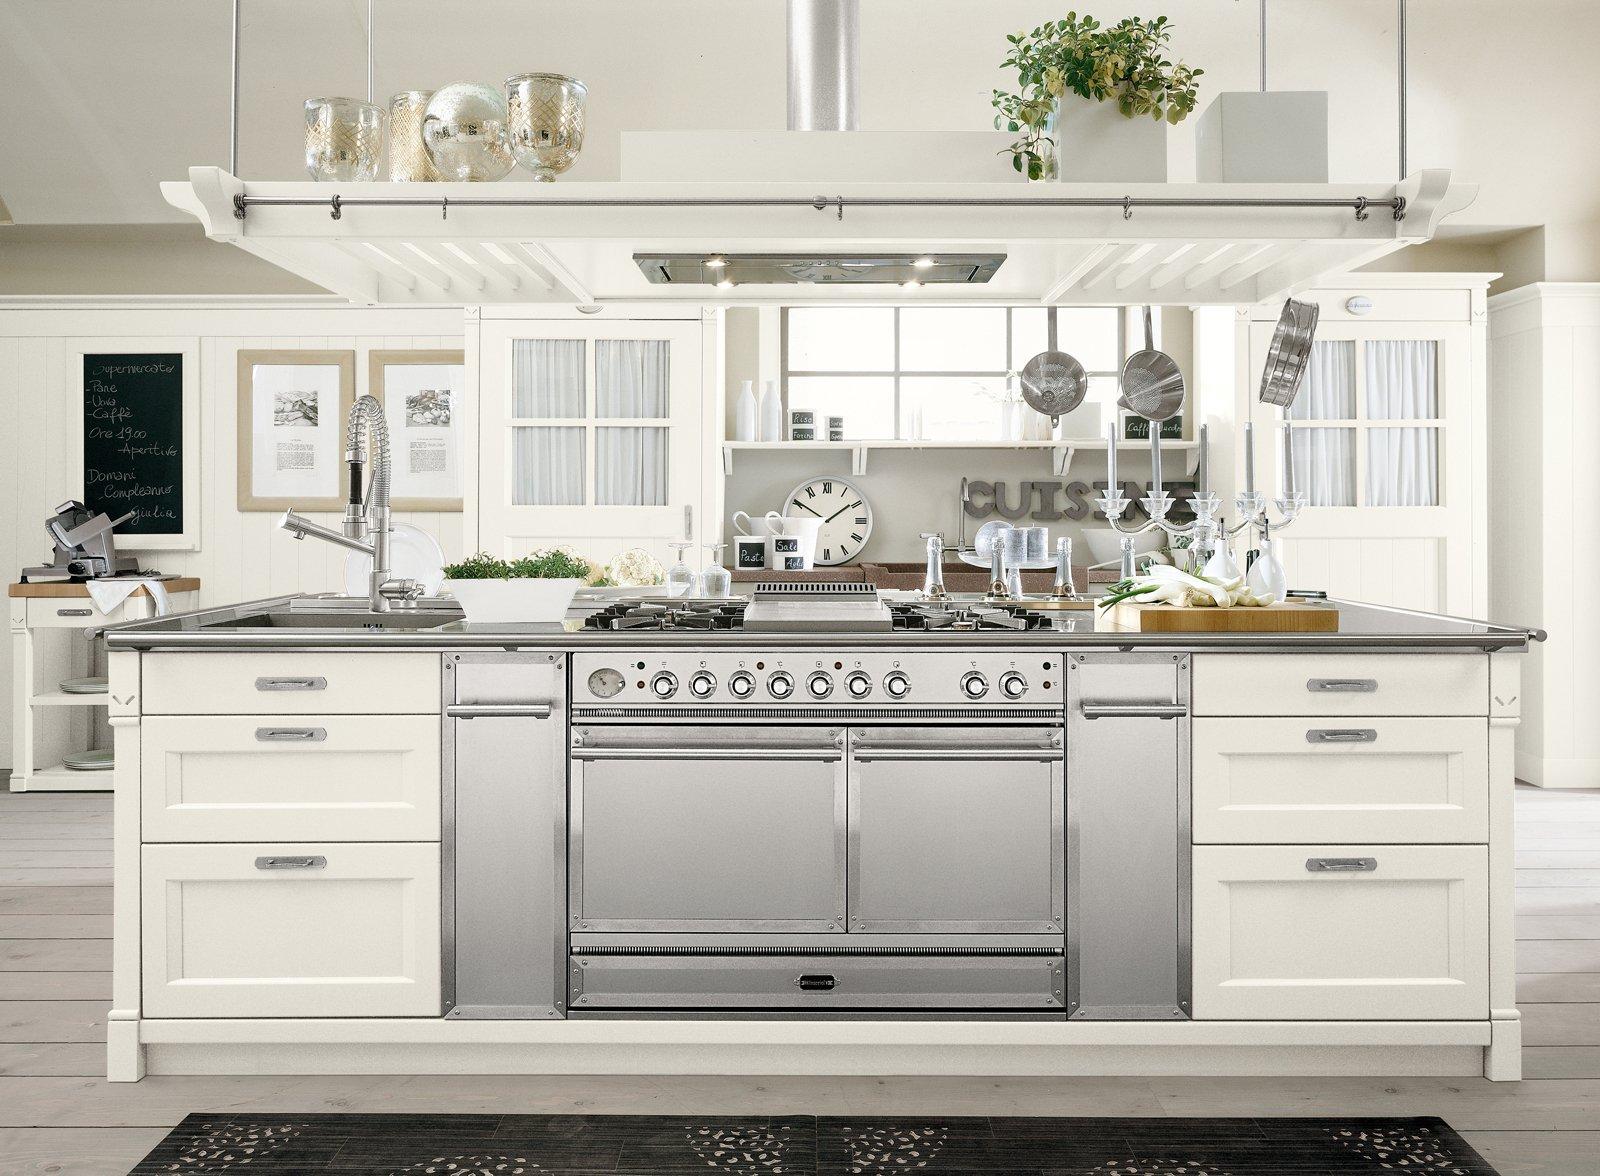 Realizzata interamente in legno massello la cucina English Mood di ...